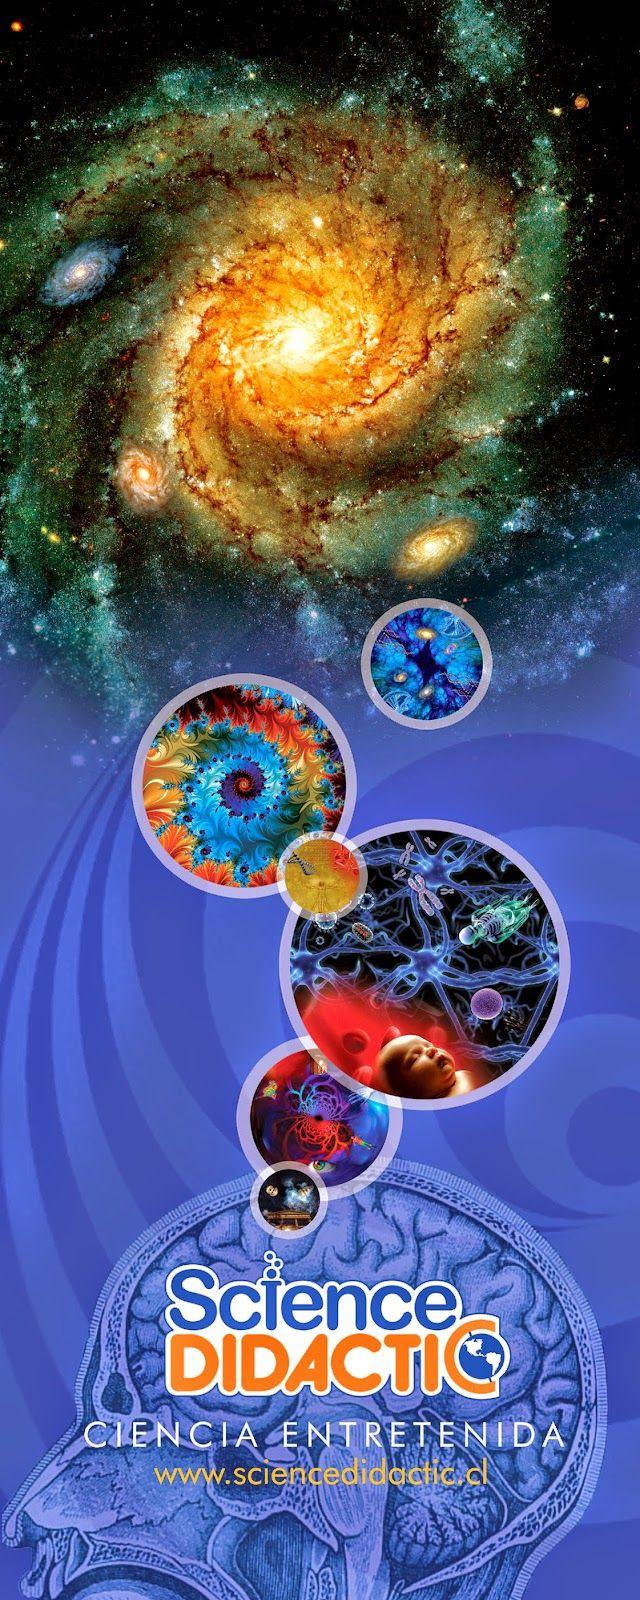 Science Didactic Ciencia Entretida: Concurso Fotografía del mes de Enero